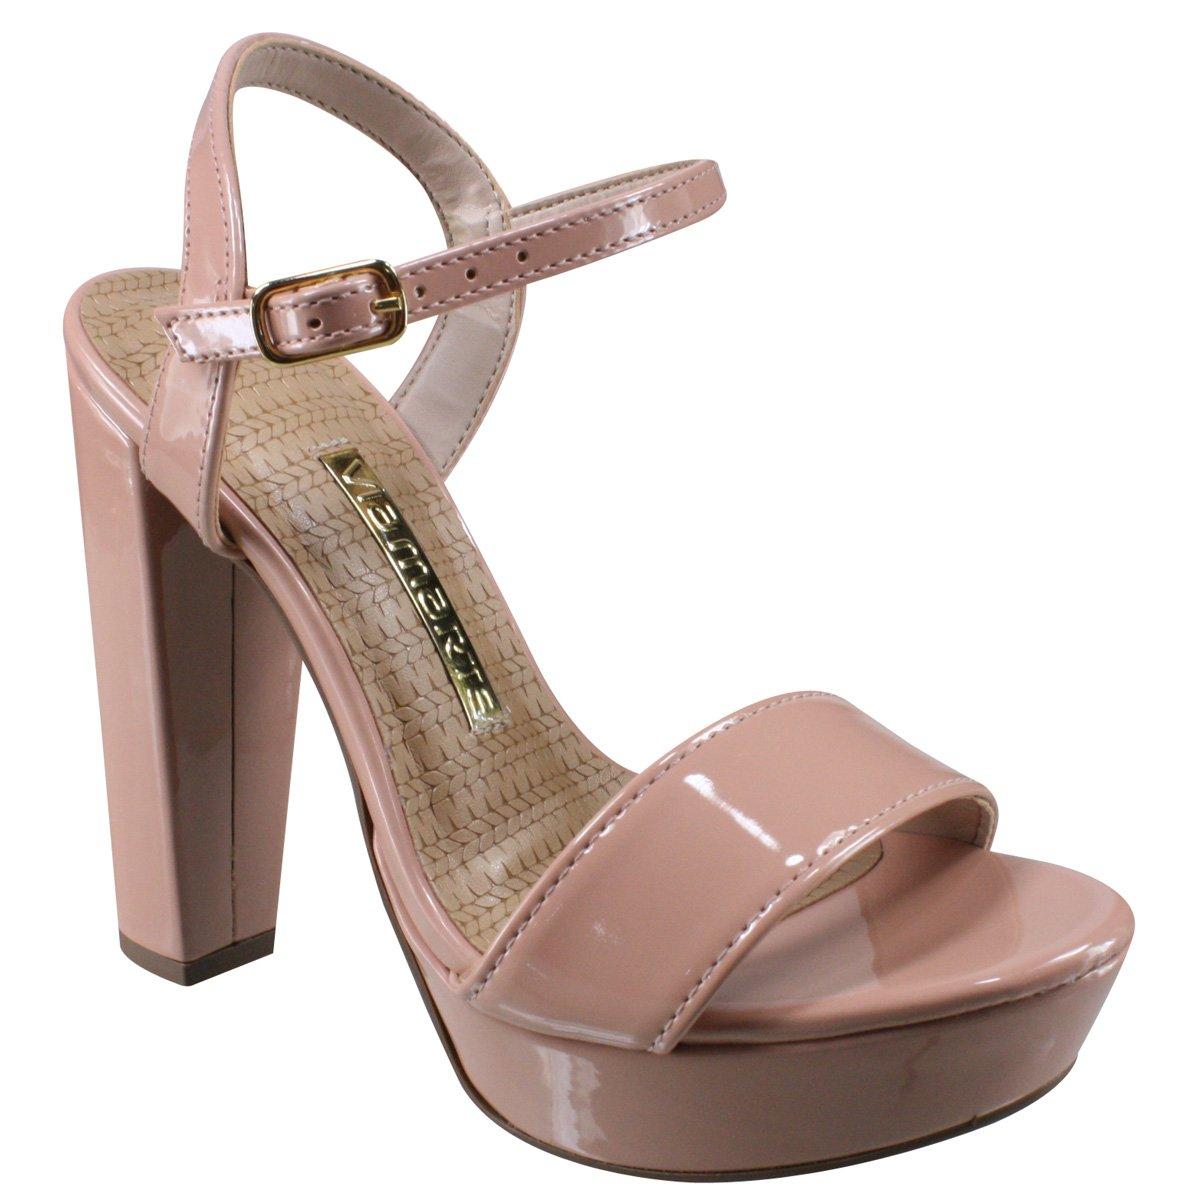 109d0ba5a Sandália via marte meia pata pêssego verniz calçados jpg 1200x1200 Sandalias  calcados via marte